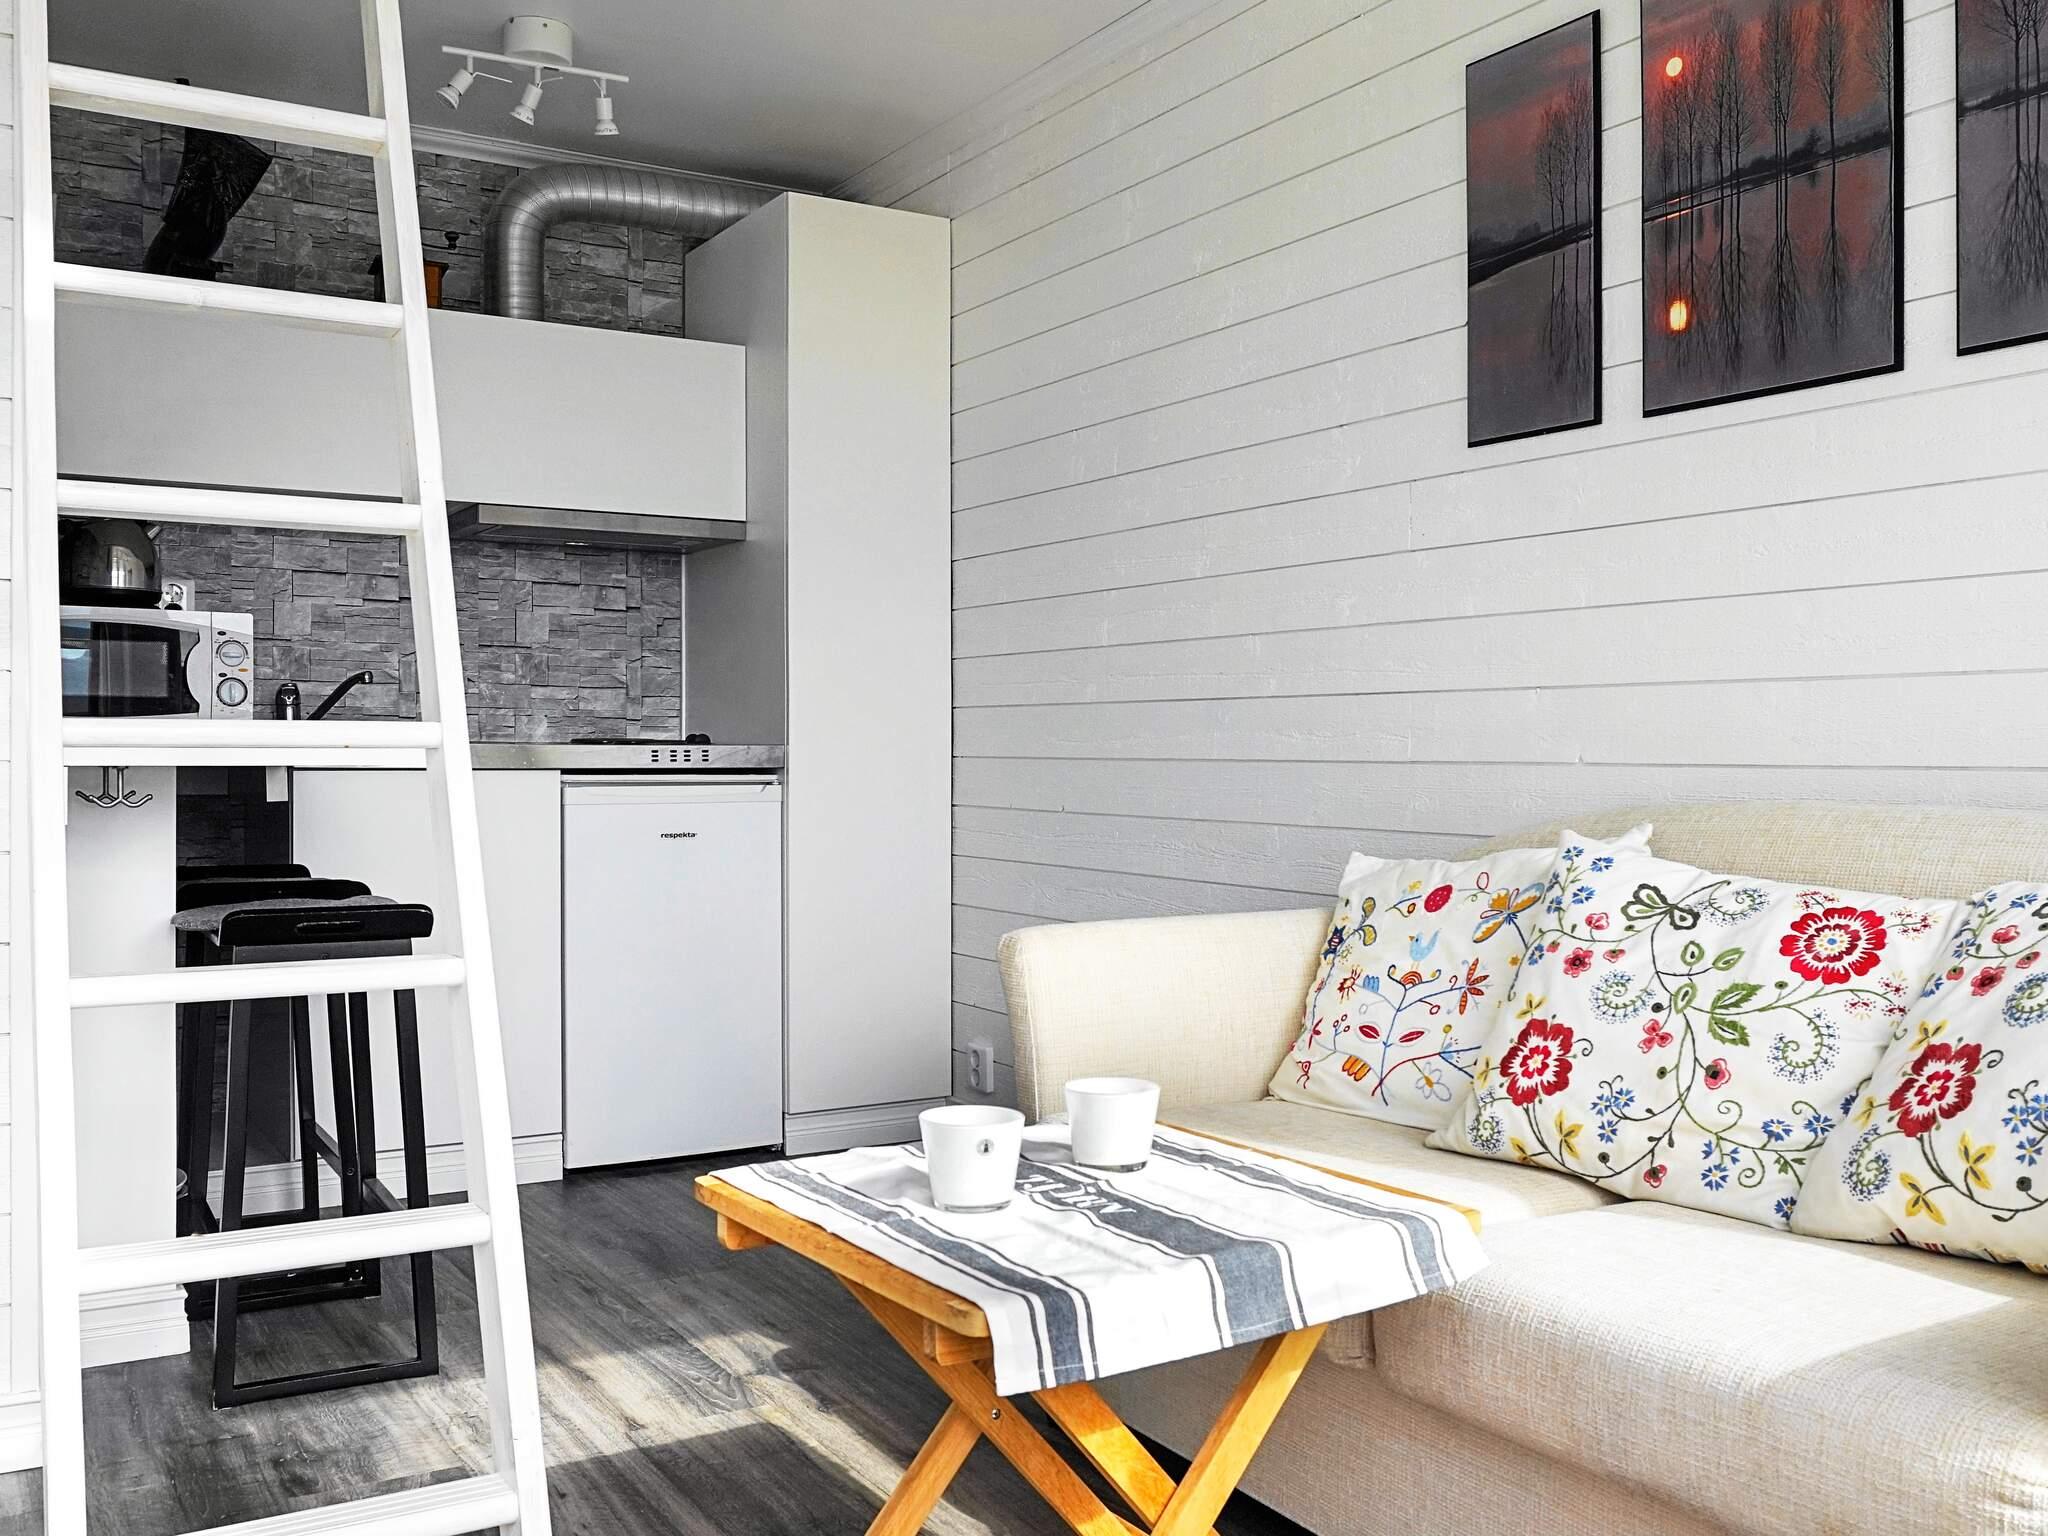 Ferienhaus Tjörn/Rönnäng (2616316), Rönnäng, Tjörn, Westschweden, Schweden, Bild 3